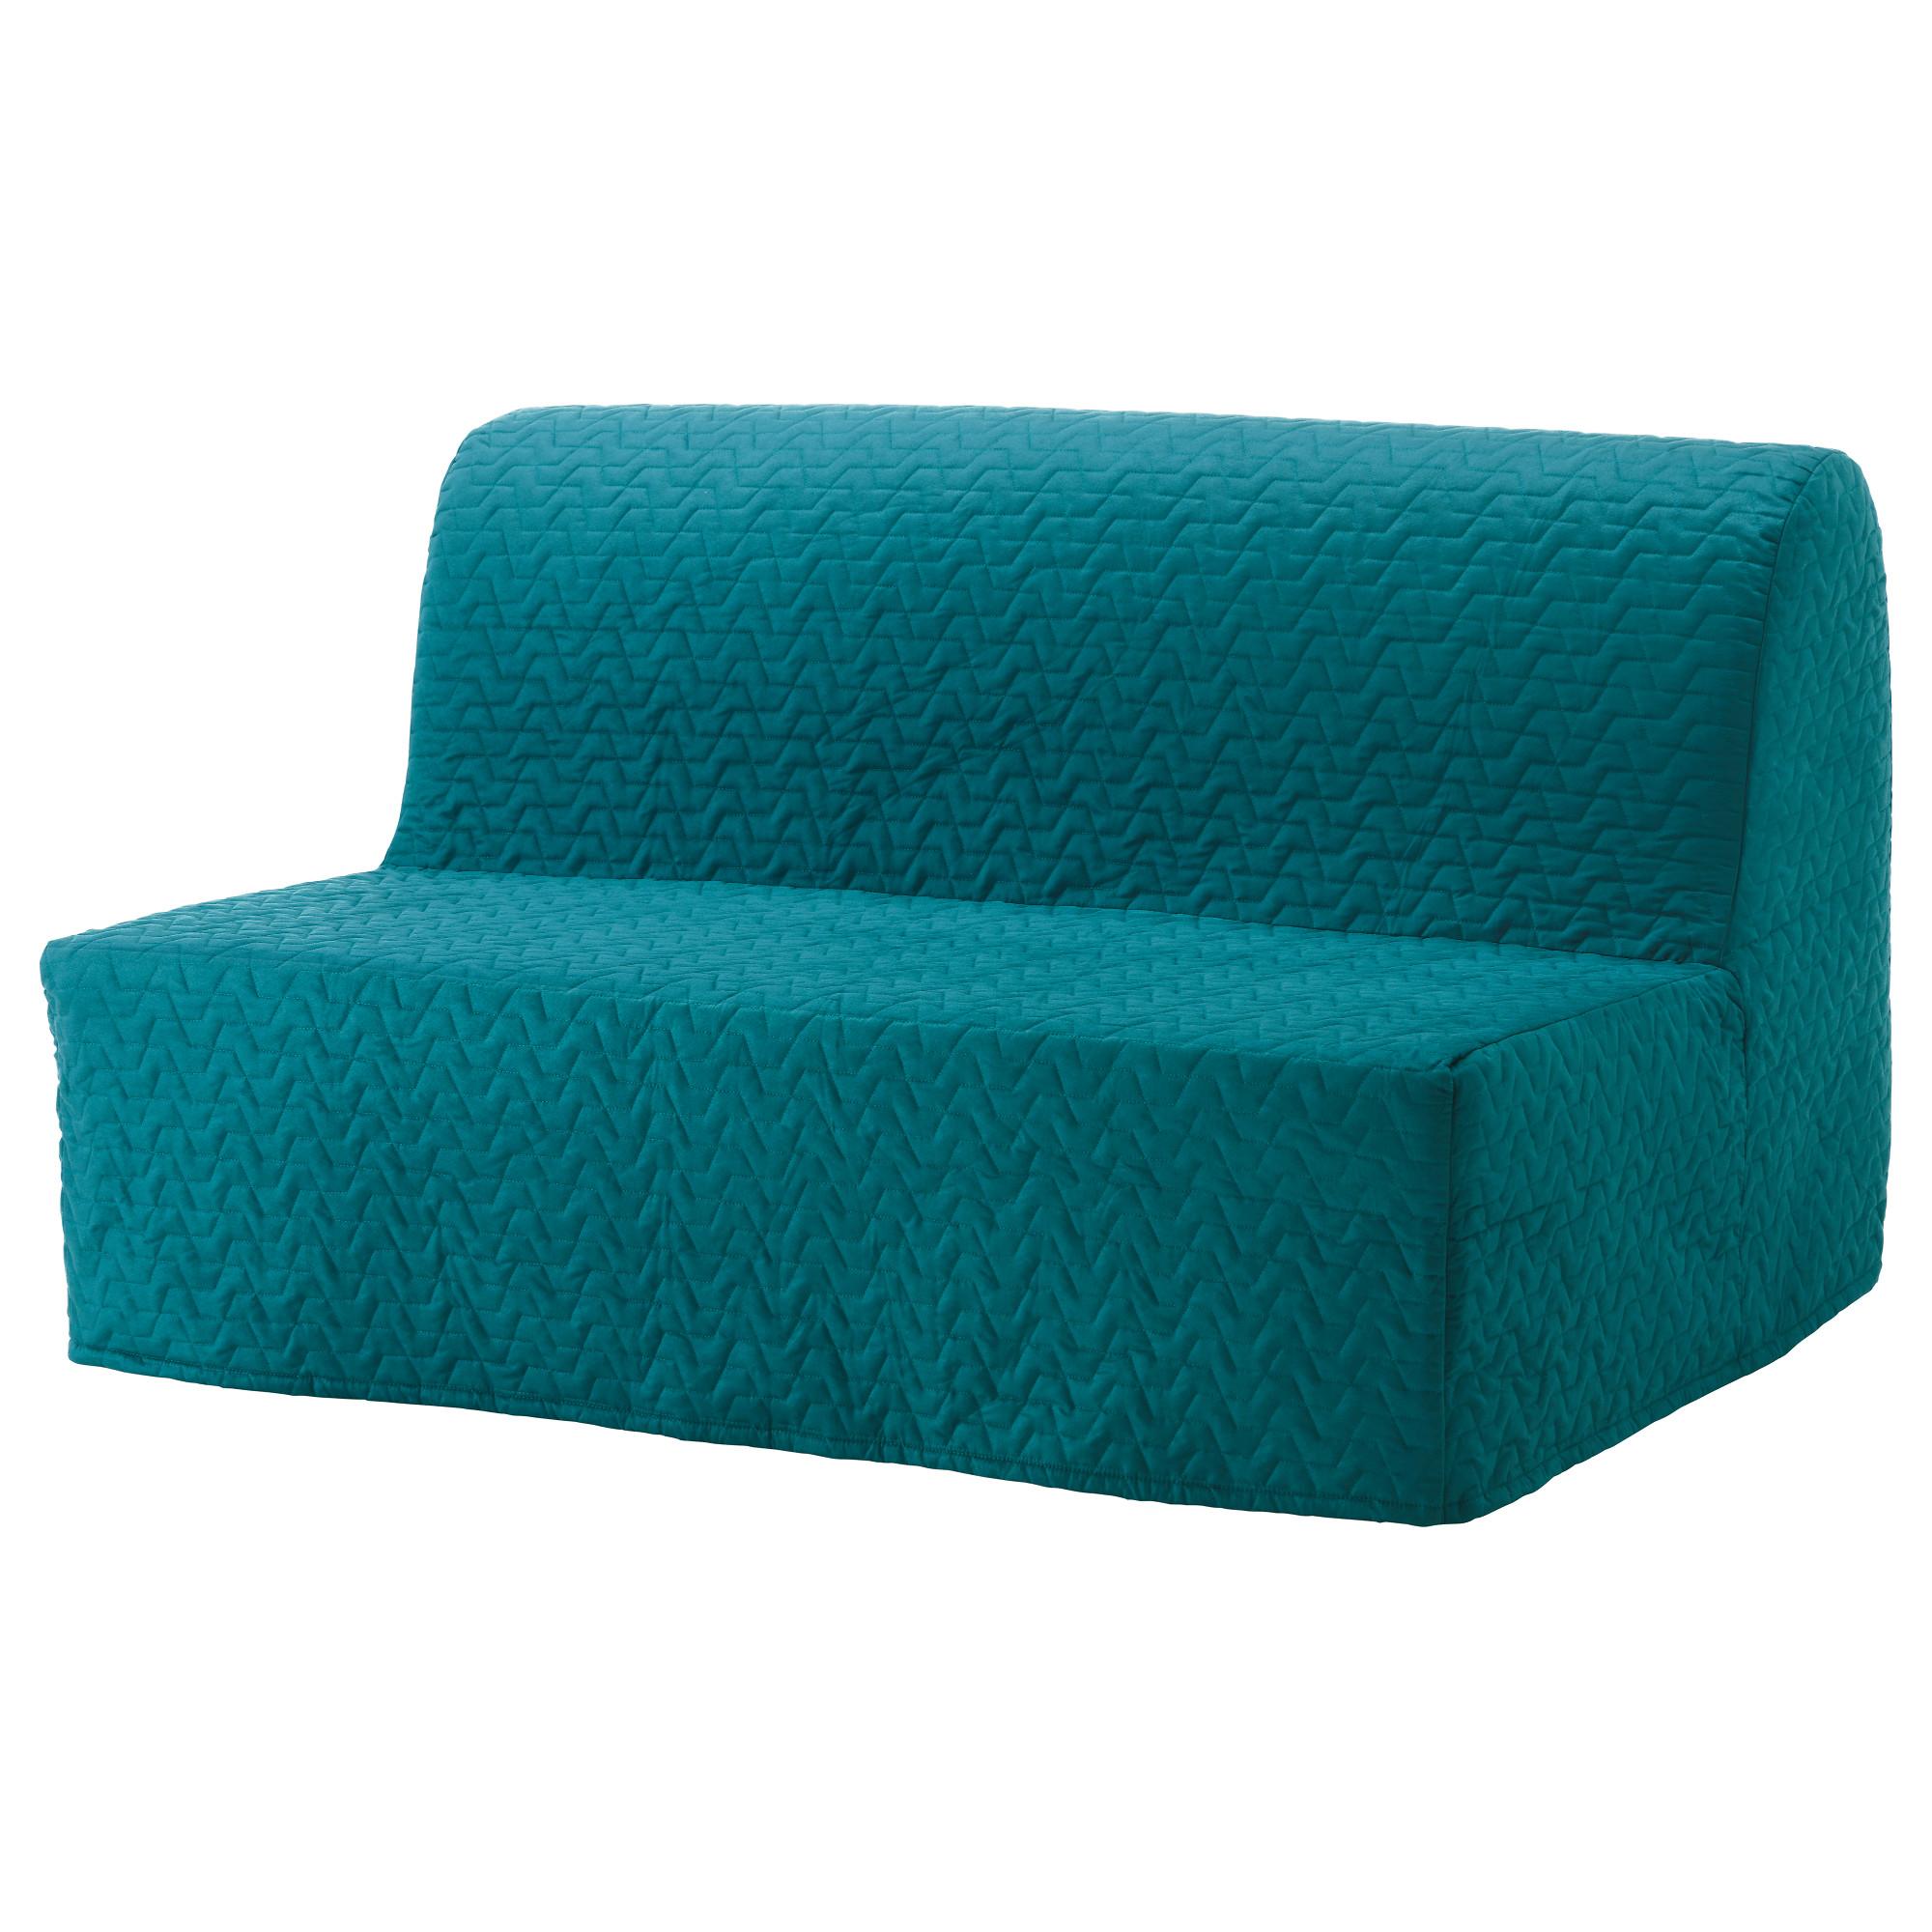 2-местный диван-кровать ЛИКСЕЛЕ ЛЁВОС бирюзовый артикуль № 192.824.34 в наличии. Online магазин ИКЕА РБ. Недорогая доставка и монтаж.